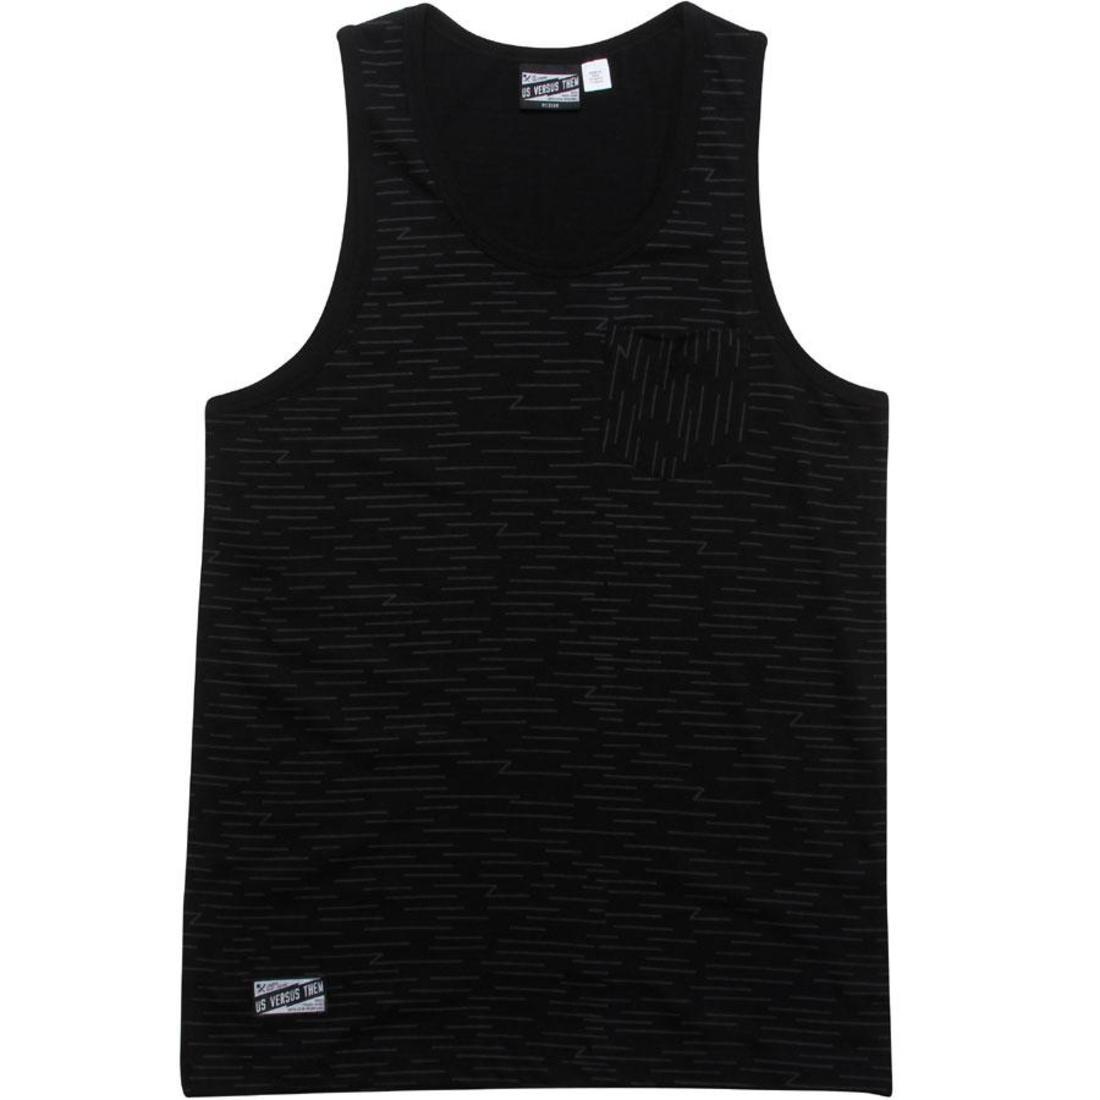 タンクトップ 黒 ブラック 【 BLACK US VERSUS THEM SIDEWAYS TANK TOP 】 メンズファッション トップス タンクトップ